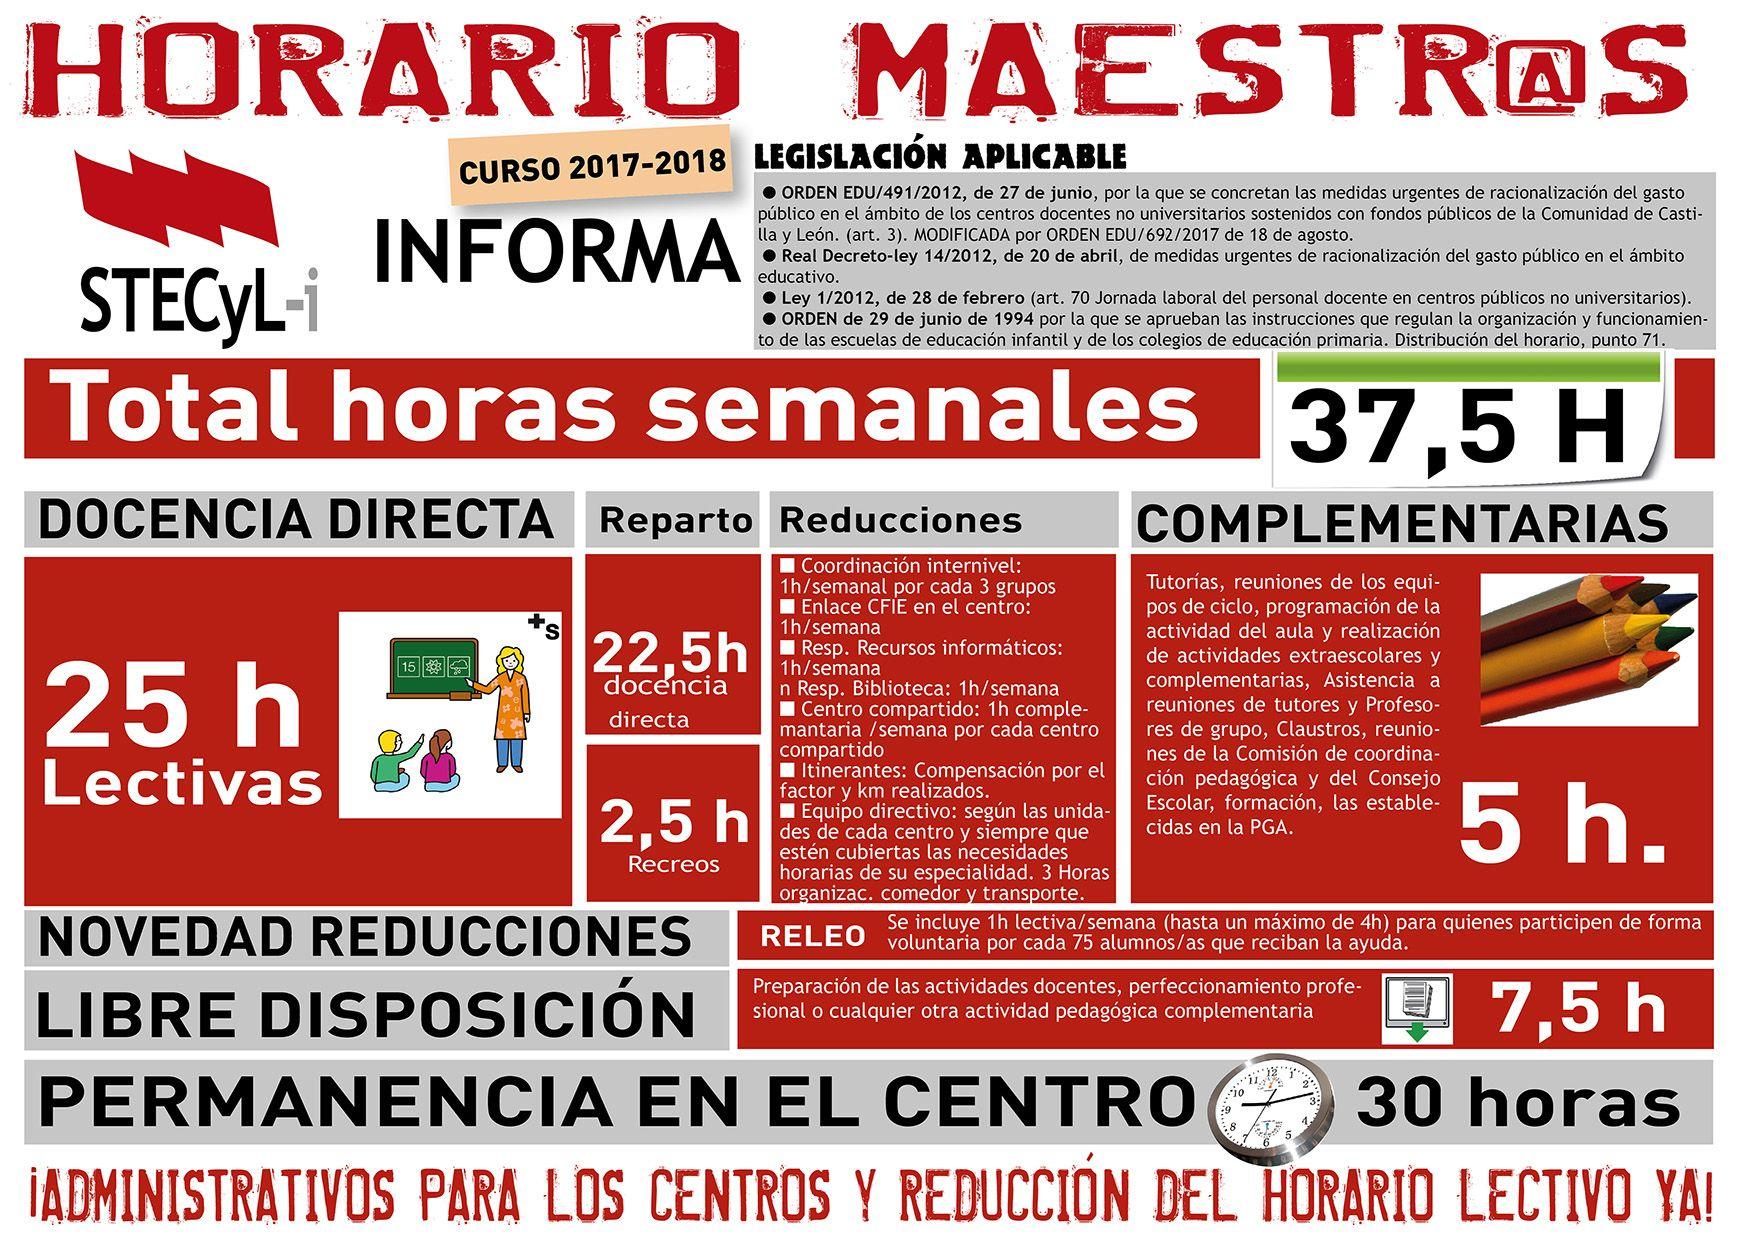 CARTEL HORARIO MAESTROS 2017-18 orden 692